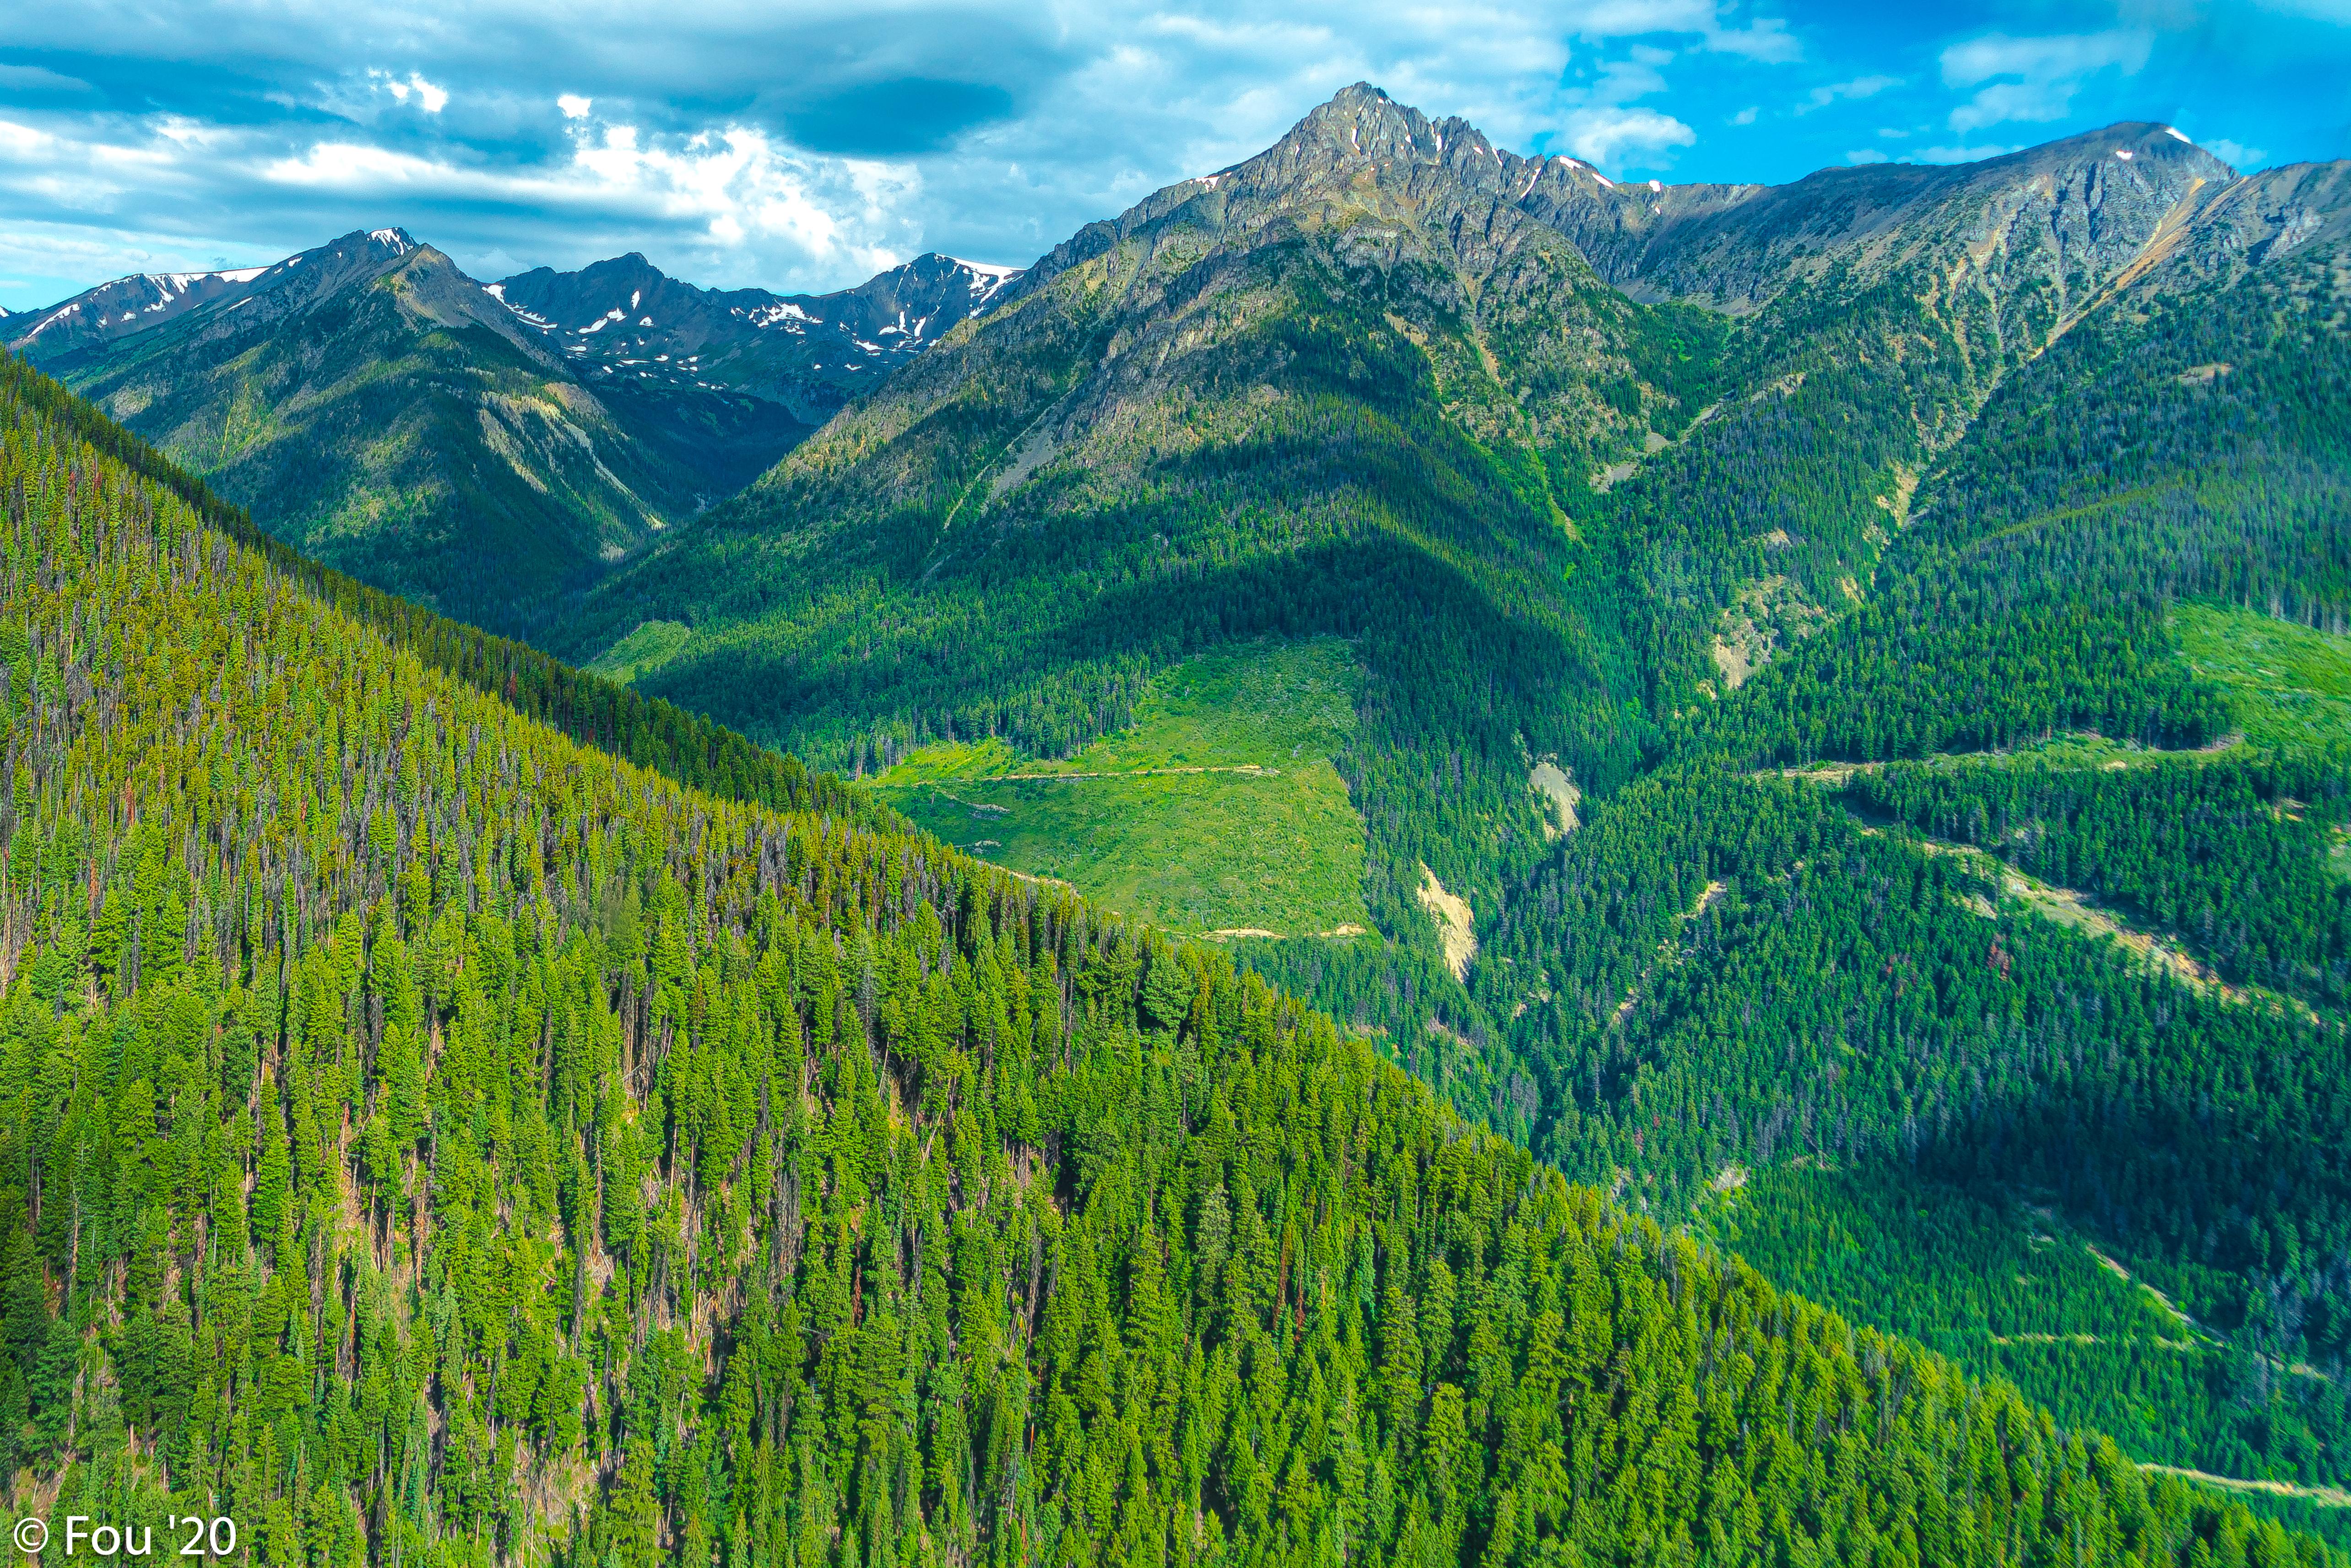 134643 descarga Verde fondos de pantalla para tu teléfono gratis, Naturaleza, Bosque, Pendiente, Cuesta, Montañas, Paisaje Verde imágenes y protectores de pantalla para tu teléfono